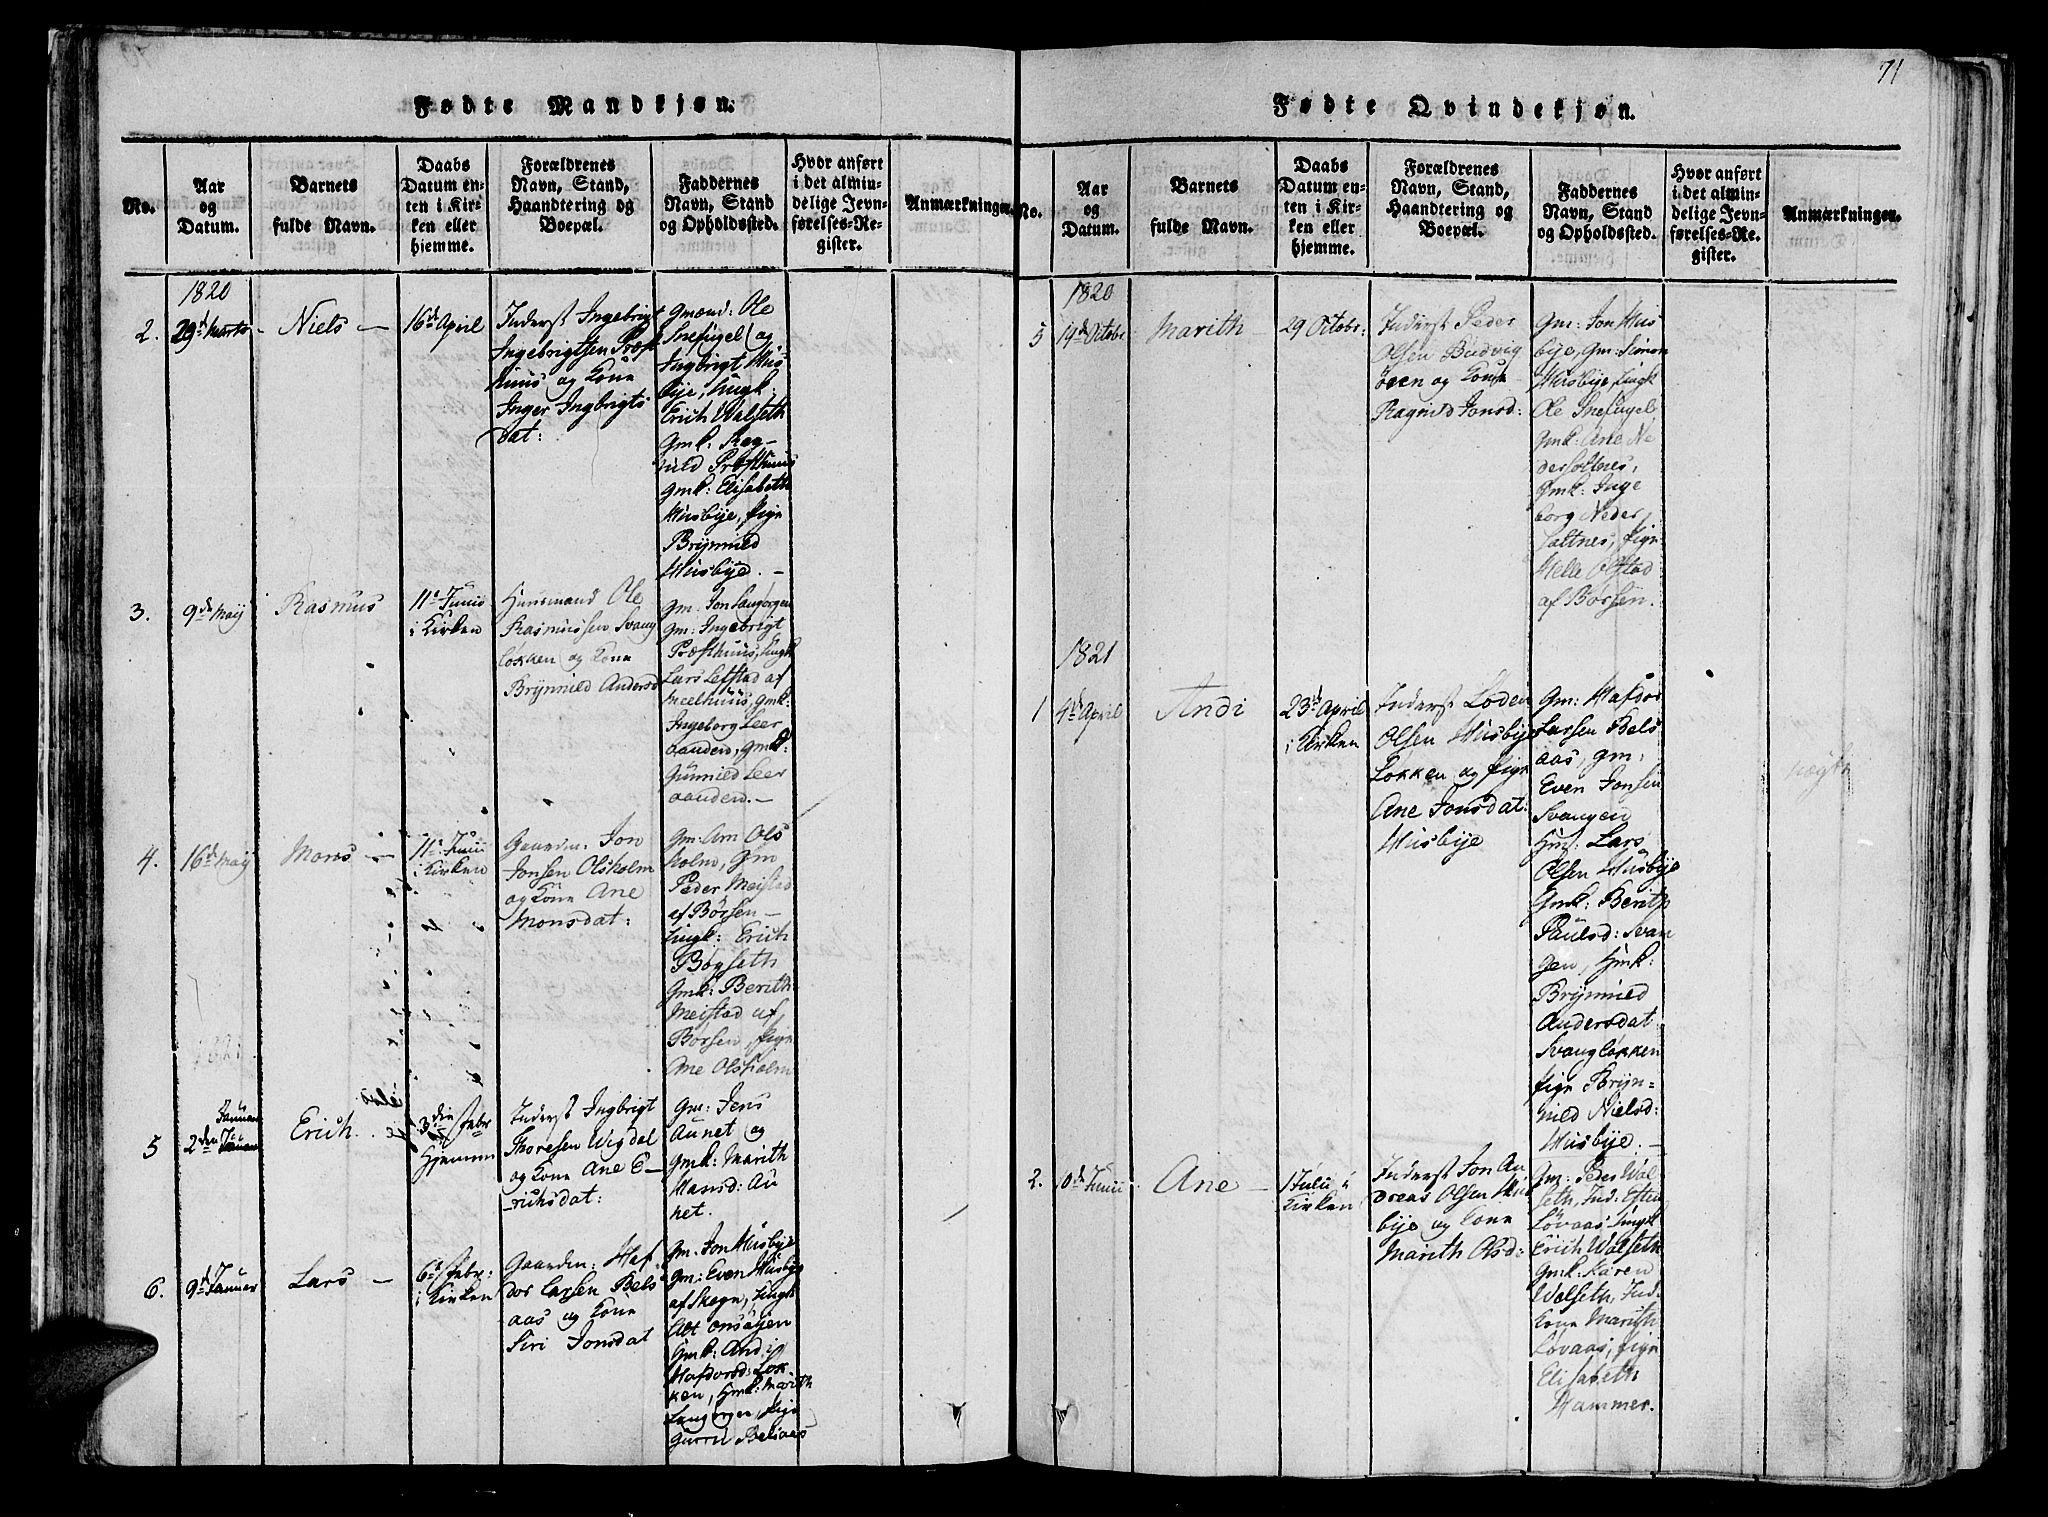 SAT, Ministerialprotokoller, klokkerbøker og fødselsregistre - Sør-Trøndelag, 612/L0373: Ministerialbok nr. 612A06 /2, 1816-1828, s. 71